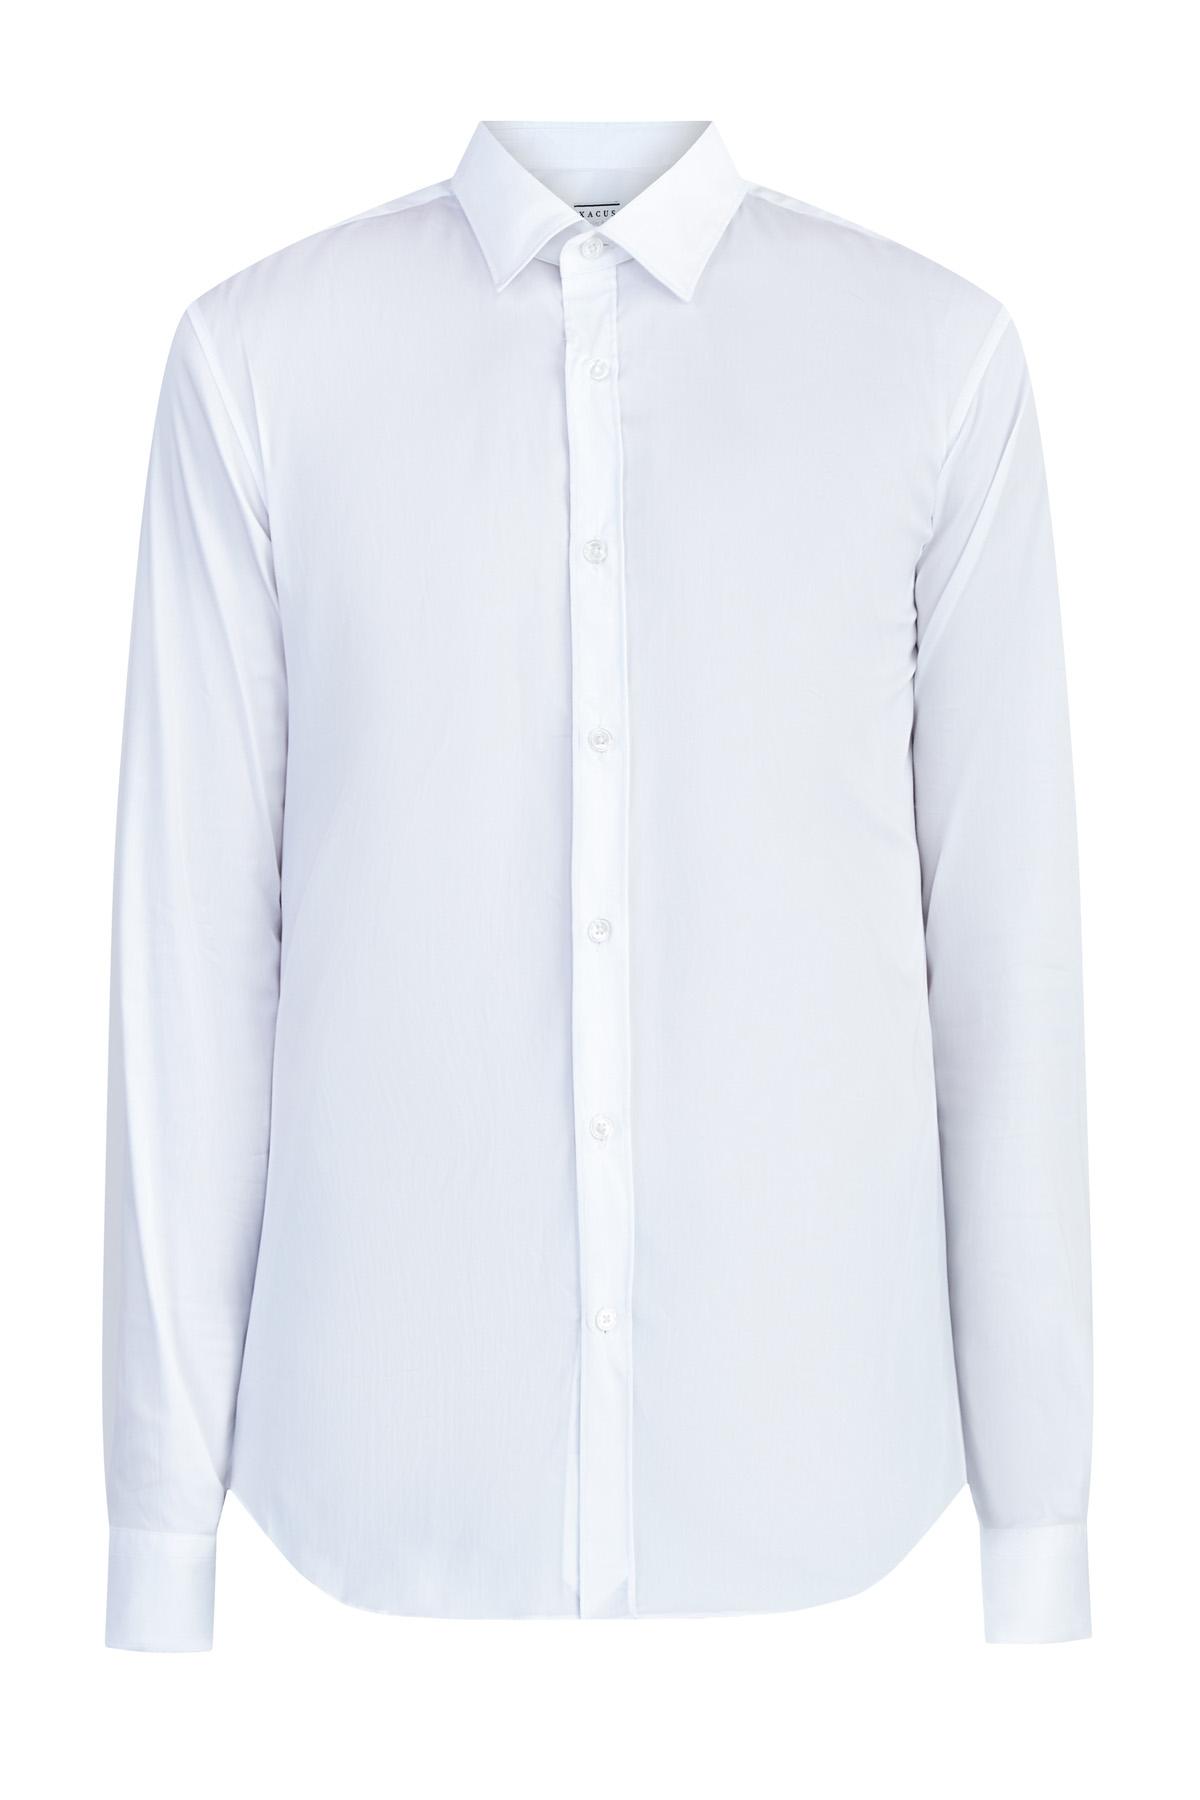 Белая рубашка кроя строго по фигуре Slim Fit из эластичного поплина